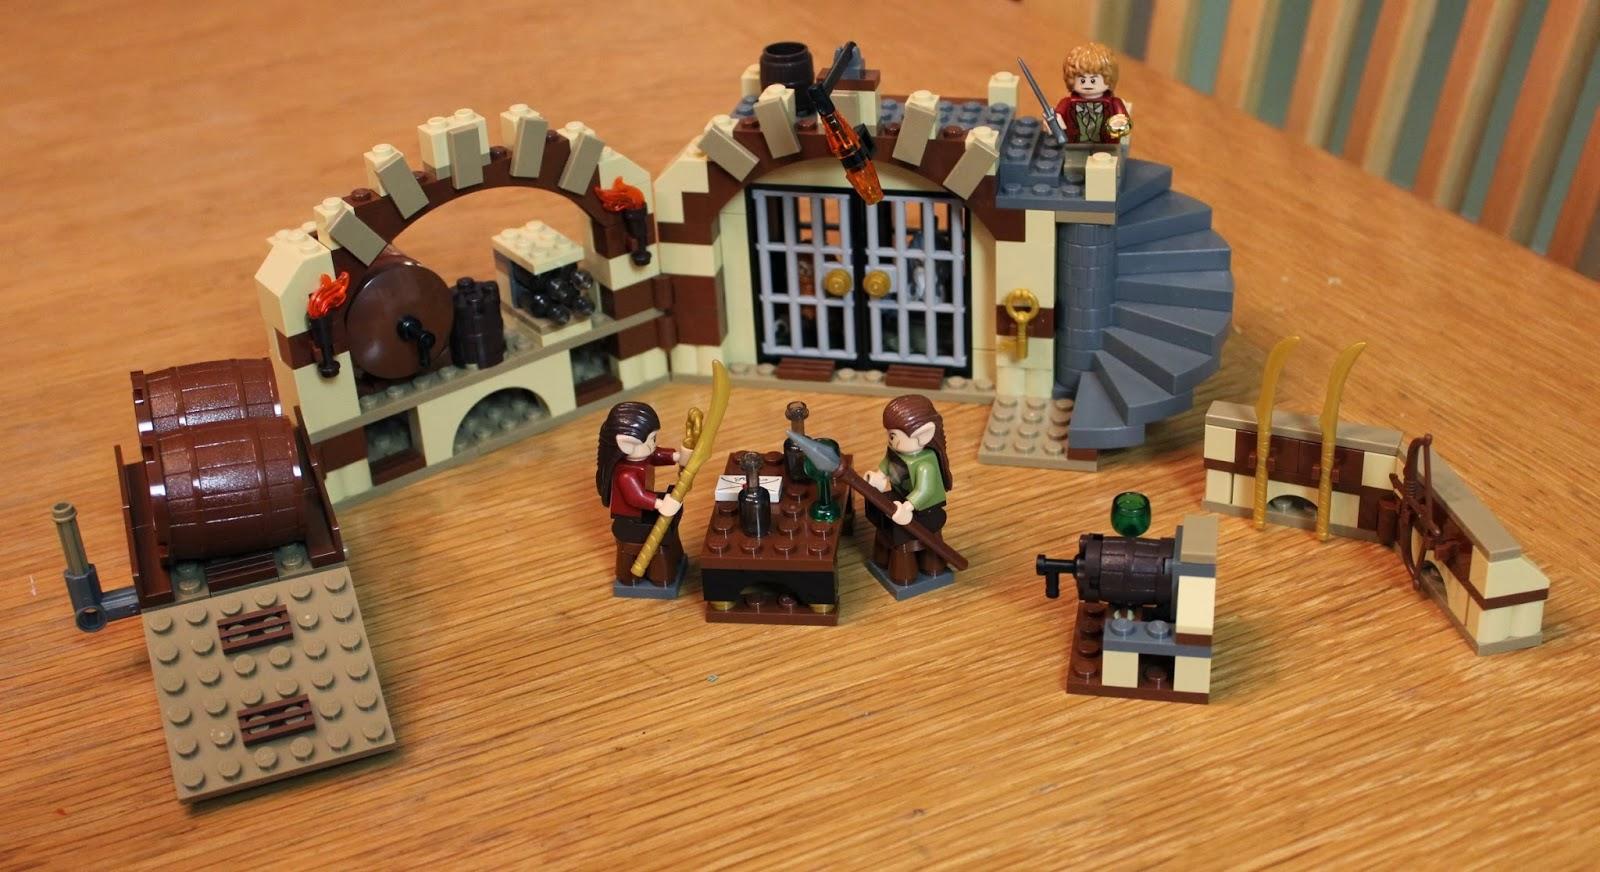 Sons of Twilight: Lego Hobbit: Barrel Escape